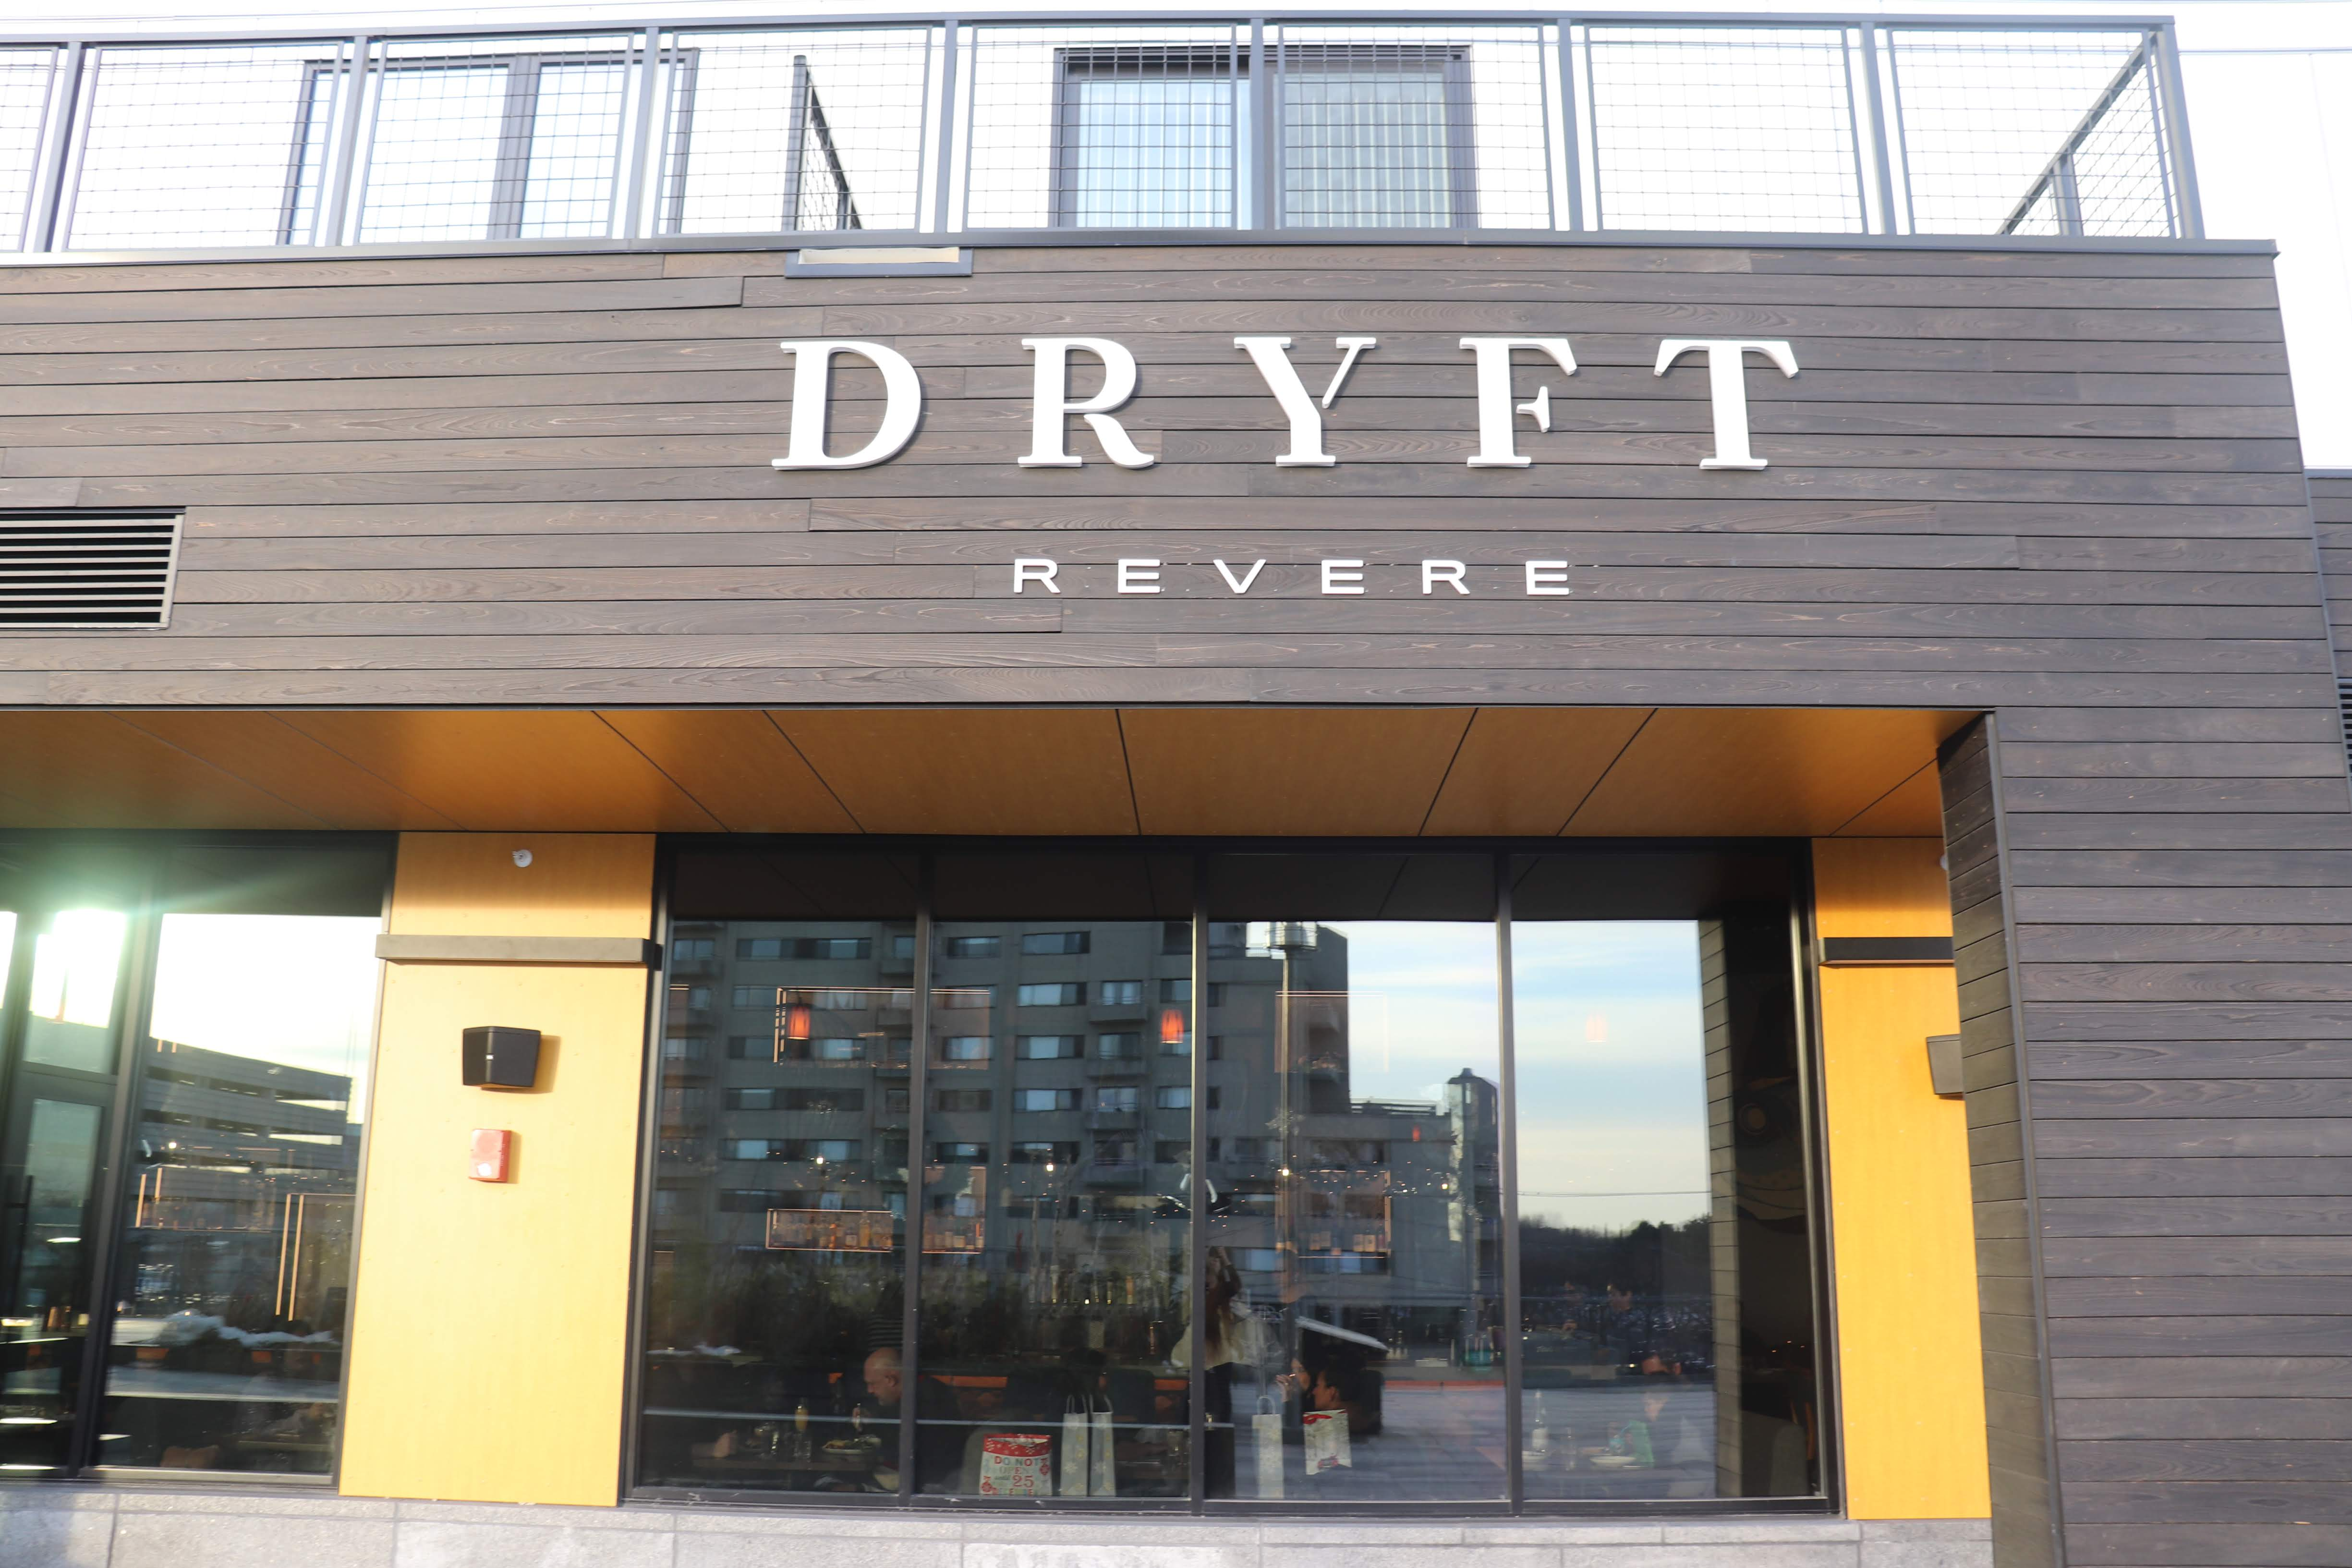 Dryft in Revere